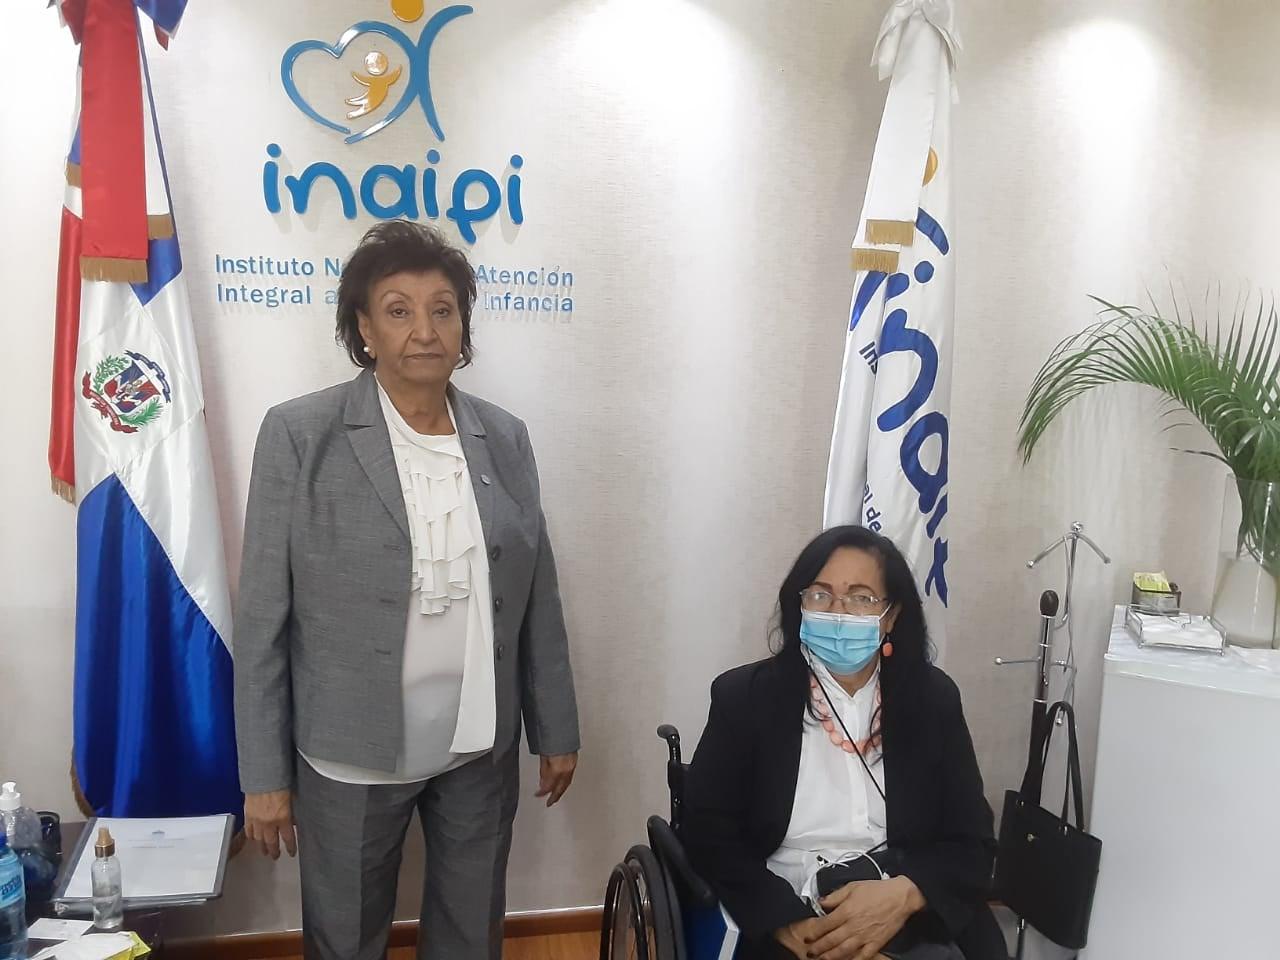 Reunión con la Directora Ejecutiva del Instituto Nacional del Atención Integral a la Primera Infancia (INAIPI)